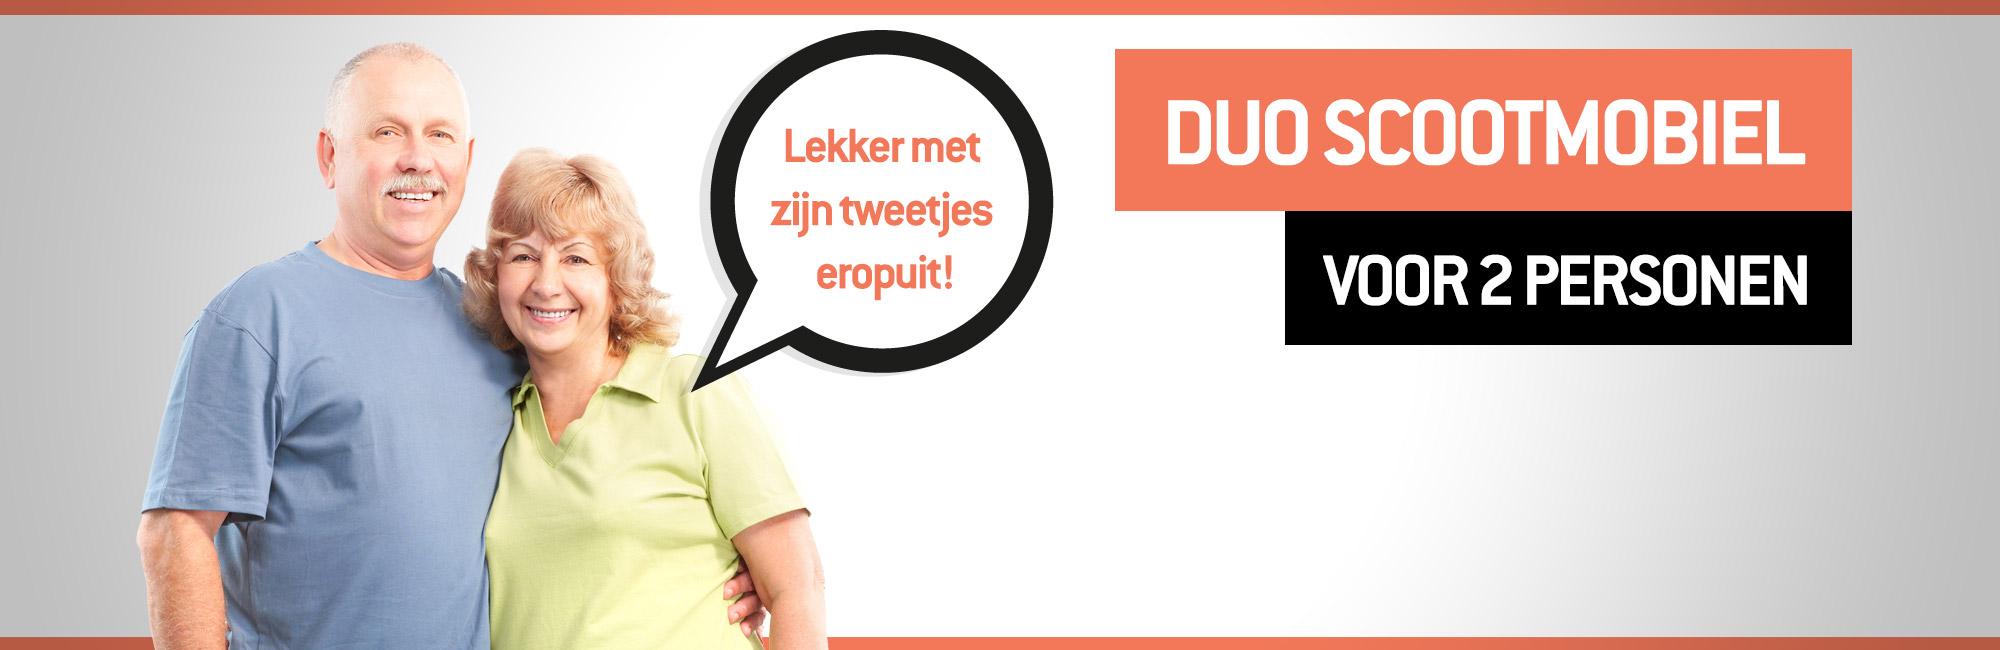 Duo-scootmobiel-voor-2-personen